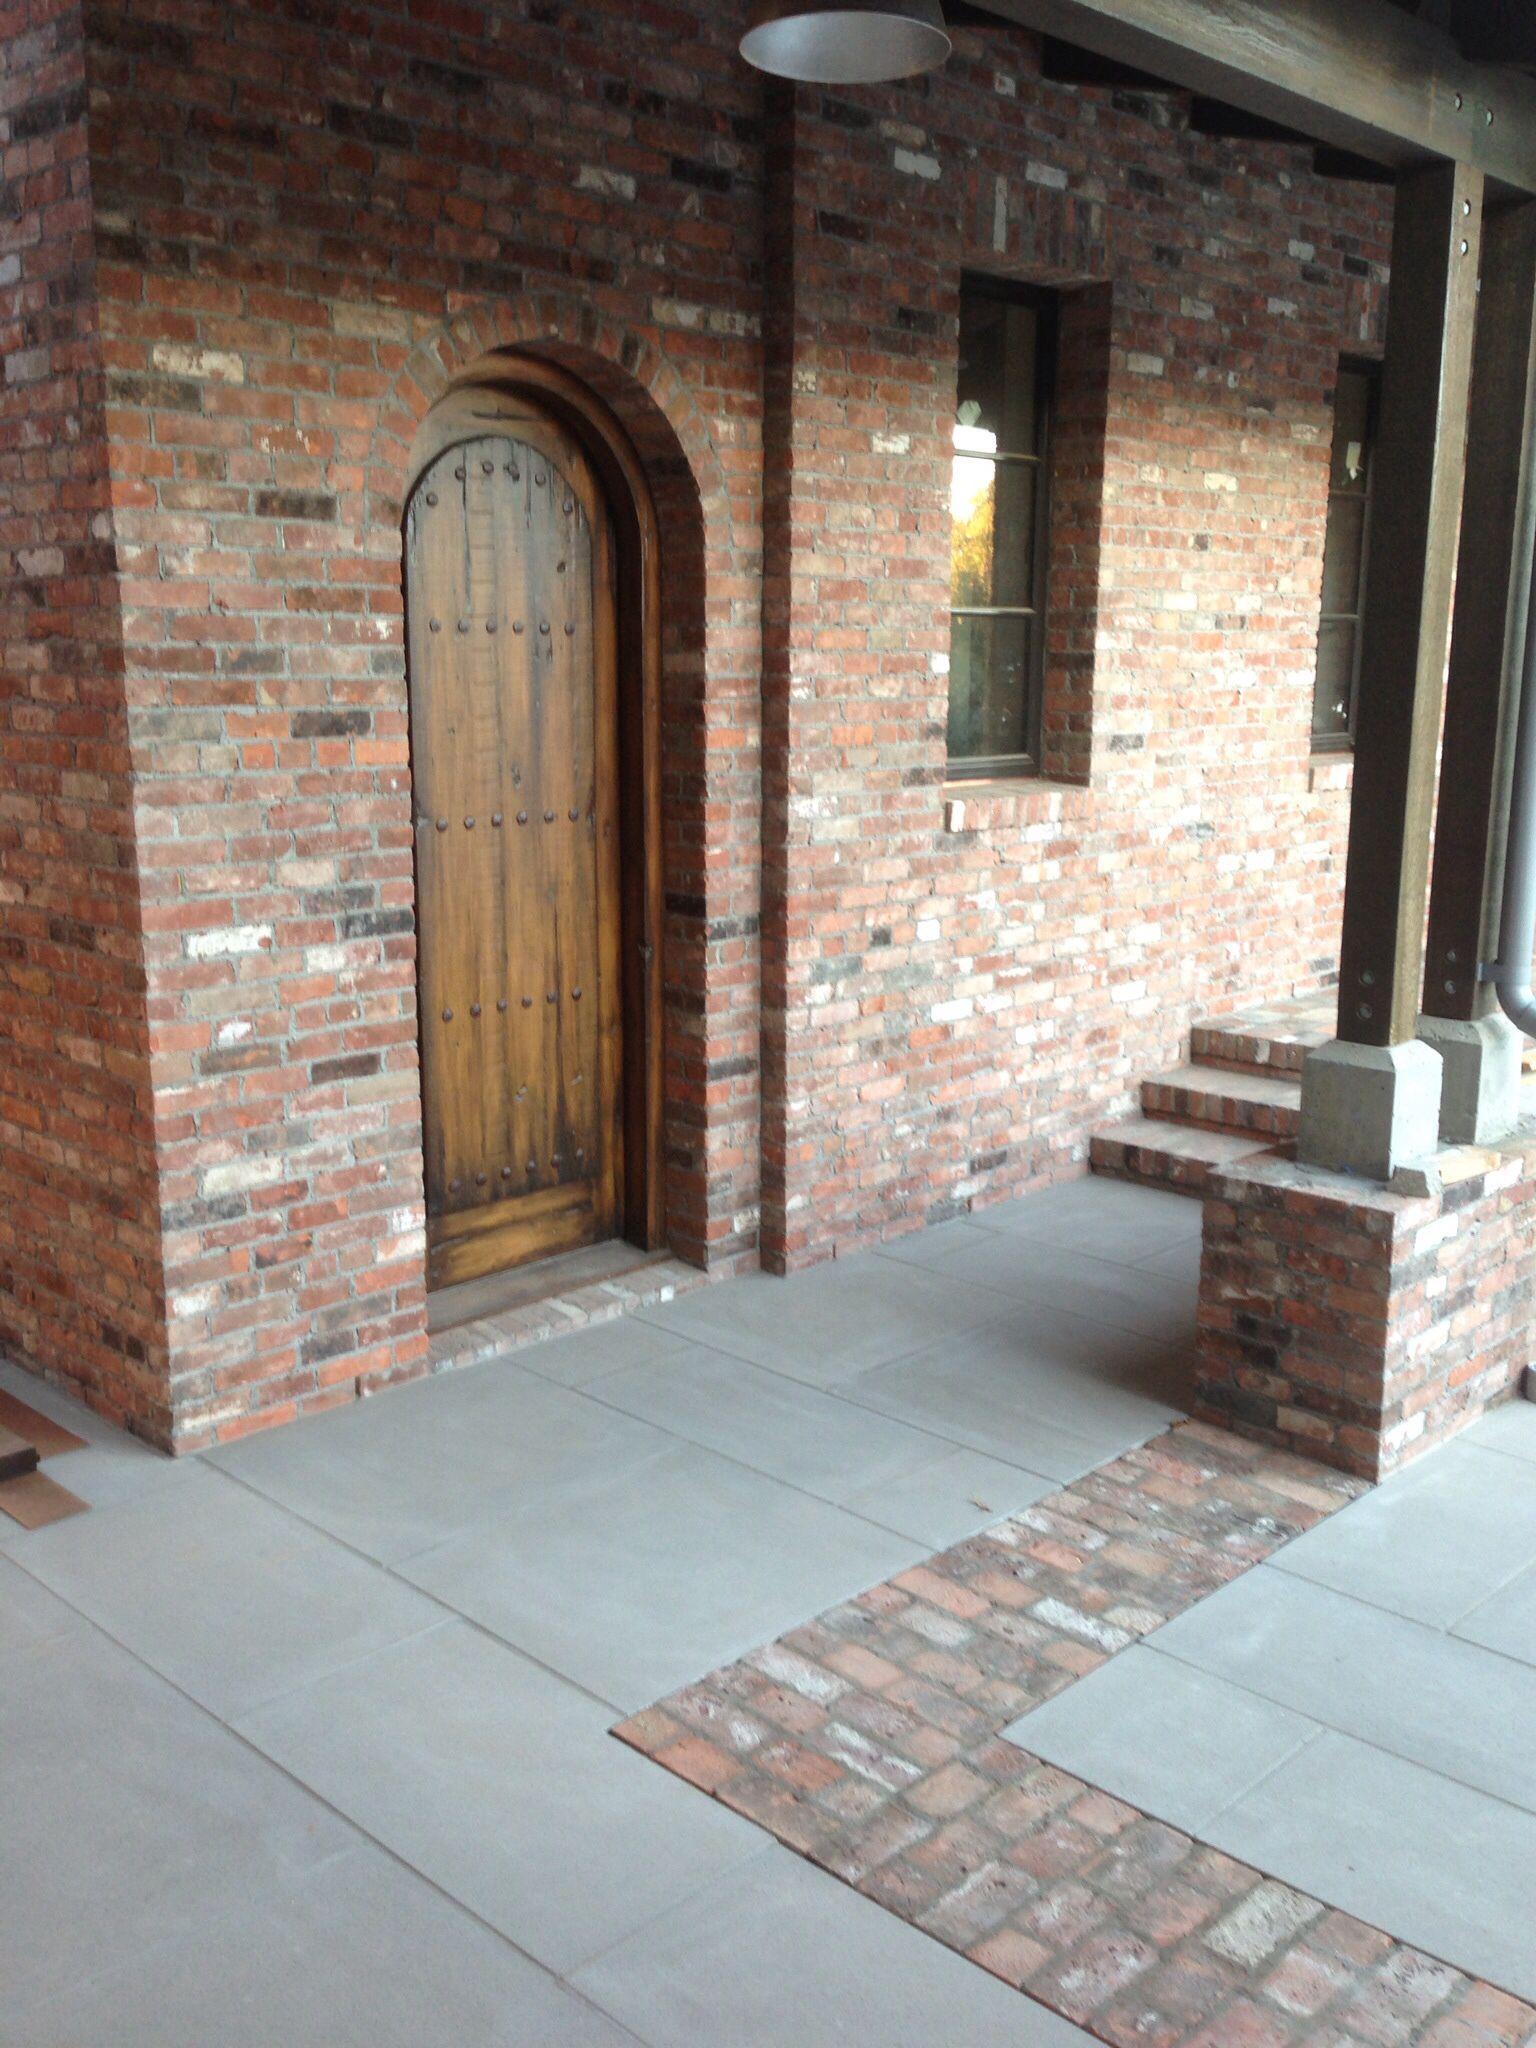 Wine cellar door styles design pinterest wine cellars and doors